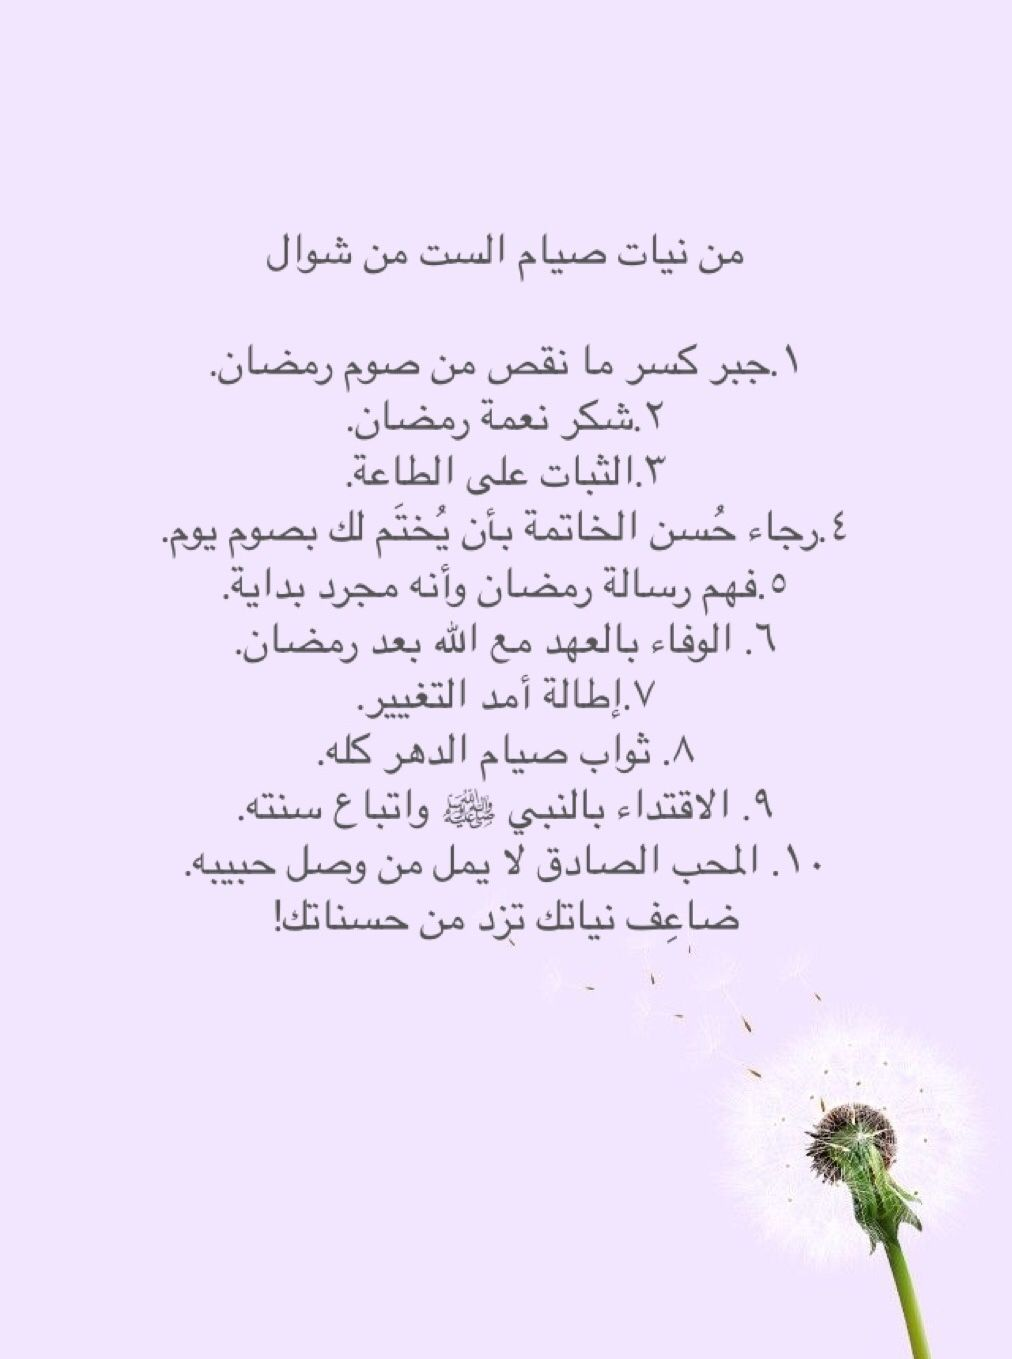 ألا ت حب أن ت كتب كأنك ص مت الدهر Islamic Quotes Quotes Islam